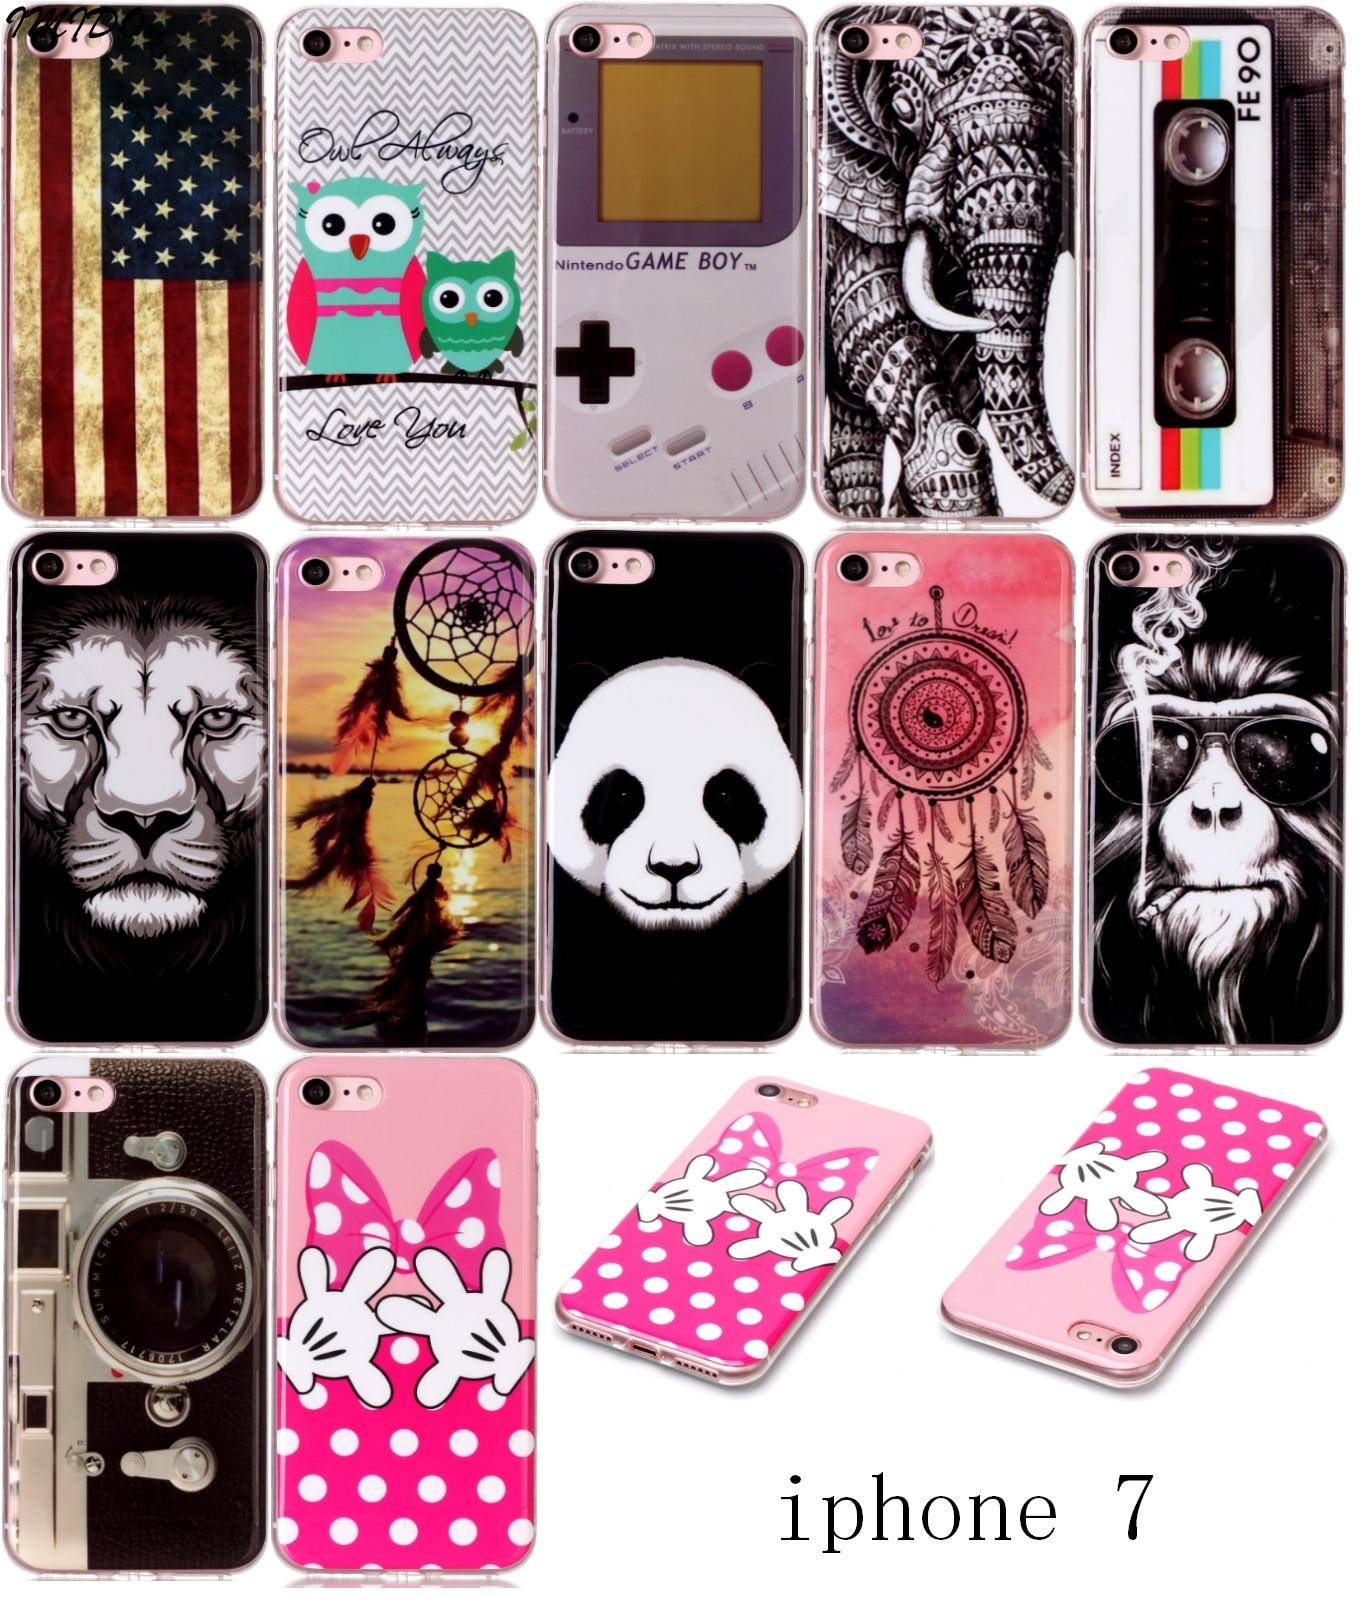 For Funda Iphone 7 Plus Case Iphone 7 7plus Cover Apple Iphone7 Plus Capa Para Iphone7plus Coque For Iphone Case For Iphonecoque Apple Aliexpress